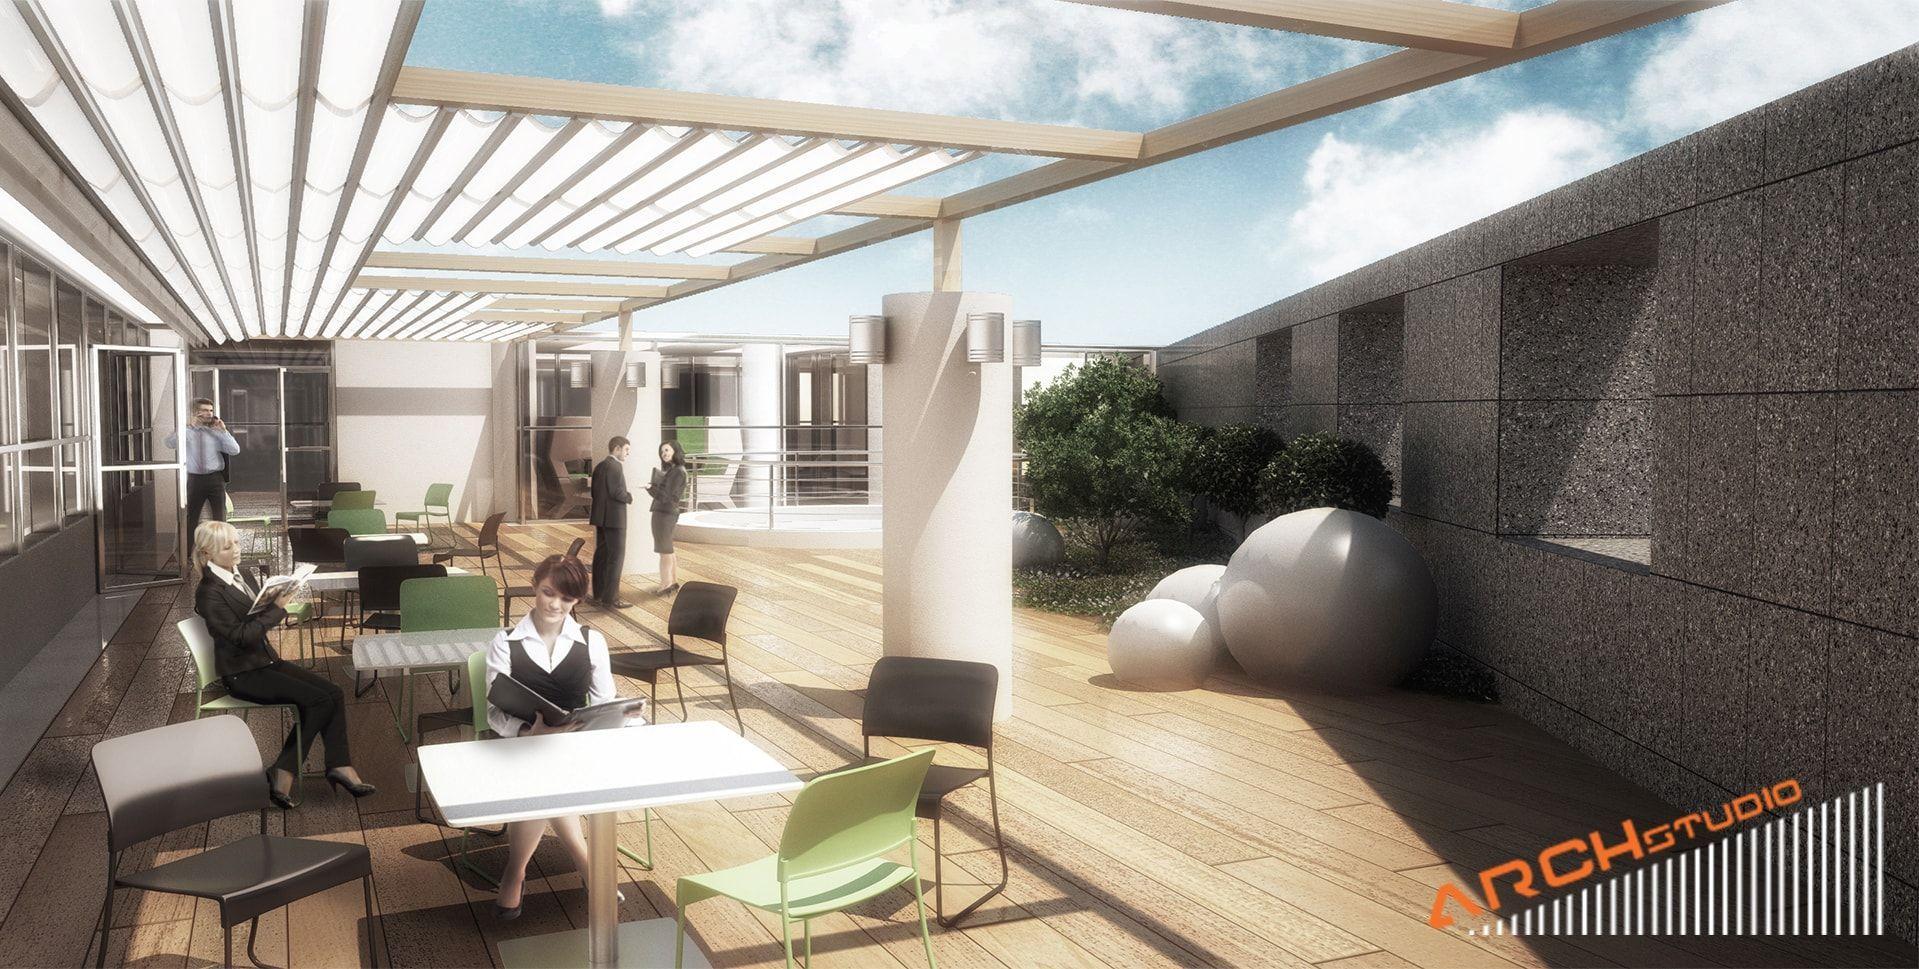 Αρχιτεκτονικό γραφείο - ARCHstudio - Χίος